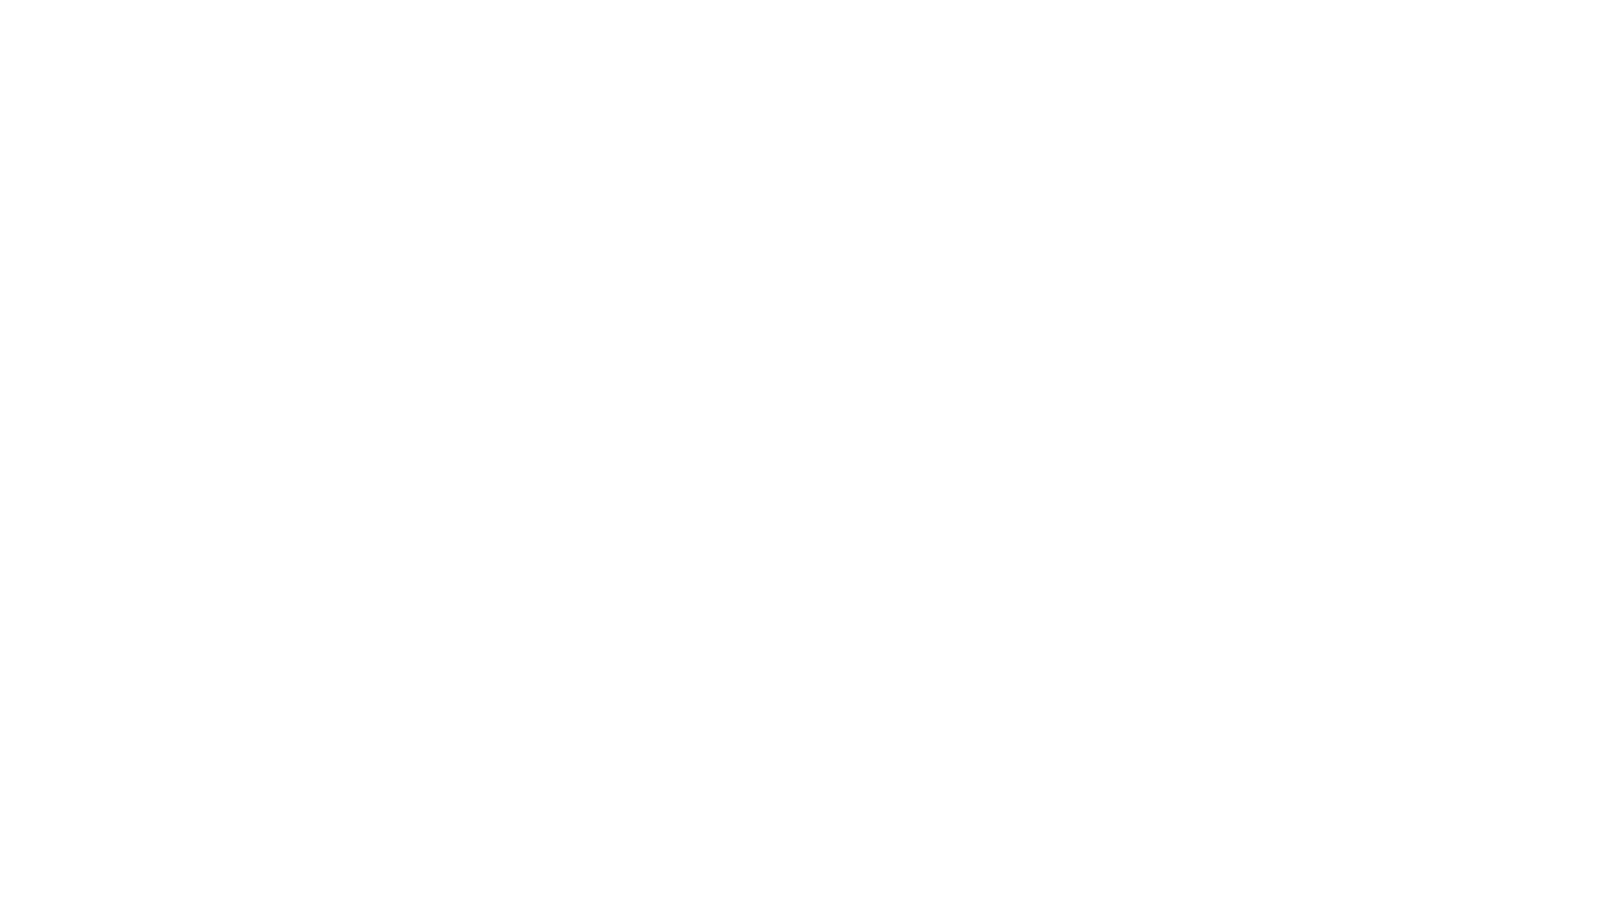 Dia 05/05/21 vou receber aqui no canal um colega referência nas doenças inflamatórias intestinais como doença de Crohn e retocolite ulcerativa. Vamos responder dúvidas ao vivo. Participa comigo e me ajude a divulgar. #maioroxo #DII #shorts  Para marcação de consultas em Belo Horizonte ou São Paulo: 31 99720-1872 ou 31 3568-5068 Em BH: http://whats.link/marcacaodeconsulta ou pelo Doctoralia: http://bit.ly/agenda-marcelo-werneck  Inscreva-se no canal para ver mais vídeos: https://www.youtube.com/c/DrMarceloWerneck?sub_confirmation=1   Prefere a versão somente áudio? Se inscreva no meu podcast: No Spotify: https://open.spotify.com/show/1NF7LlFfnpKZ2v3IN4D70q?si=sX6y0QKBQ9qq1cORZGsD3g ou no iTunes:  https://podcasts.apple.com/br/podcast/dr-marcelo-werneck/id1506656085  VÍDEO EXCLUSIVAMENTE INFORMATIVO E DE FORMA ALGUMA SUBSTITUI UMA CONSULTA MÉDICA  Se ficar qualquer dúvida, mande nos comentários!   Siga minhas redes sociais Facebook: https://facebook.com/drmarcelowerneck/ Instagram: https://www.instagram.com/dr.marcelowerneck/?hl=pt-br  Para mais informações acesse meu site: www.drmarcelowerneck.com.br   Rua Gonçalves Dias 142 sala 708 Funcionários BH/MG   Dr. Marcelo Giusti Werneck Côrtes  CRMMG 44832